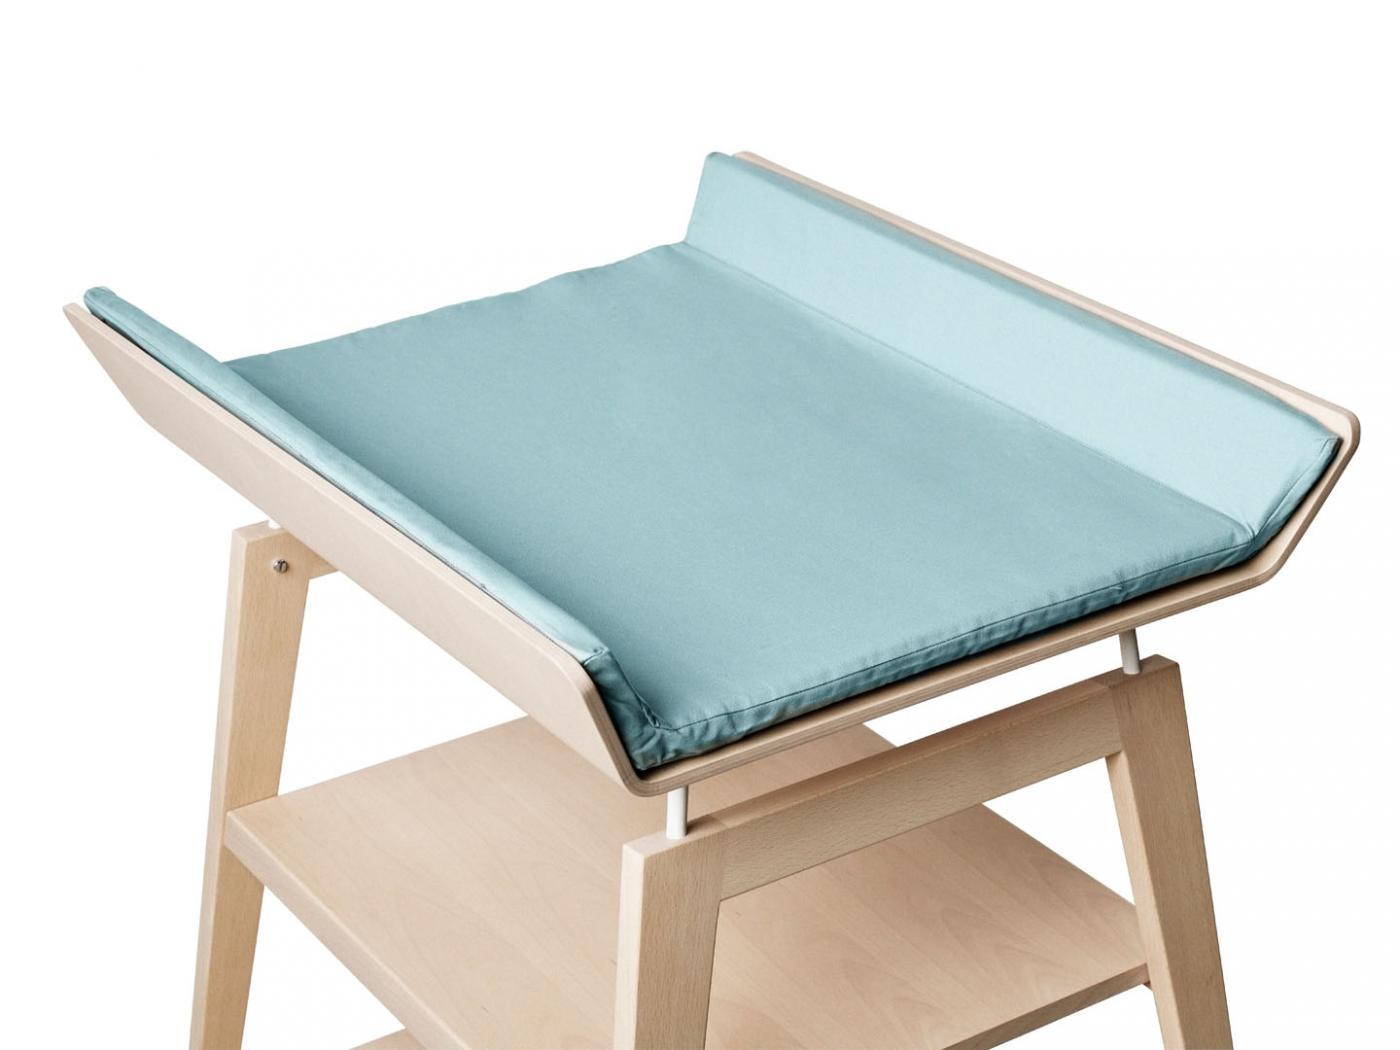 leander housse matelas langer bleu p le pour table. Black Bedroom Furniture Sets. Home Design Ideas